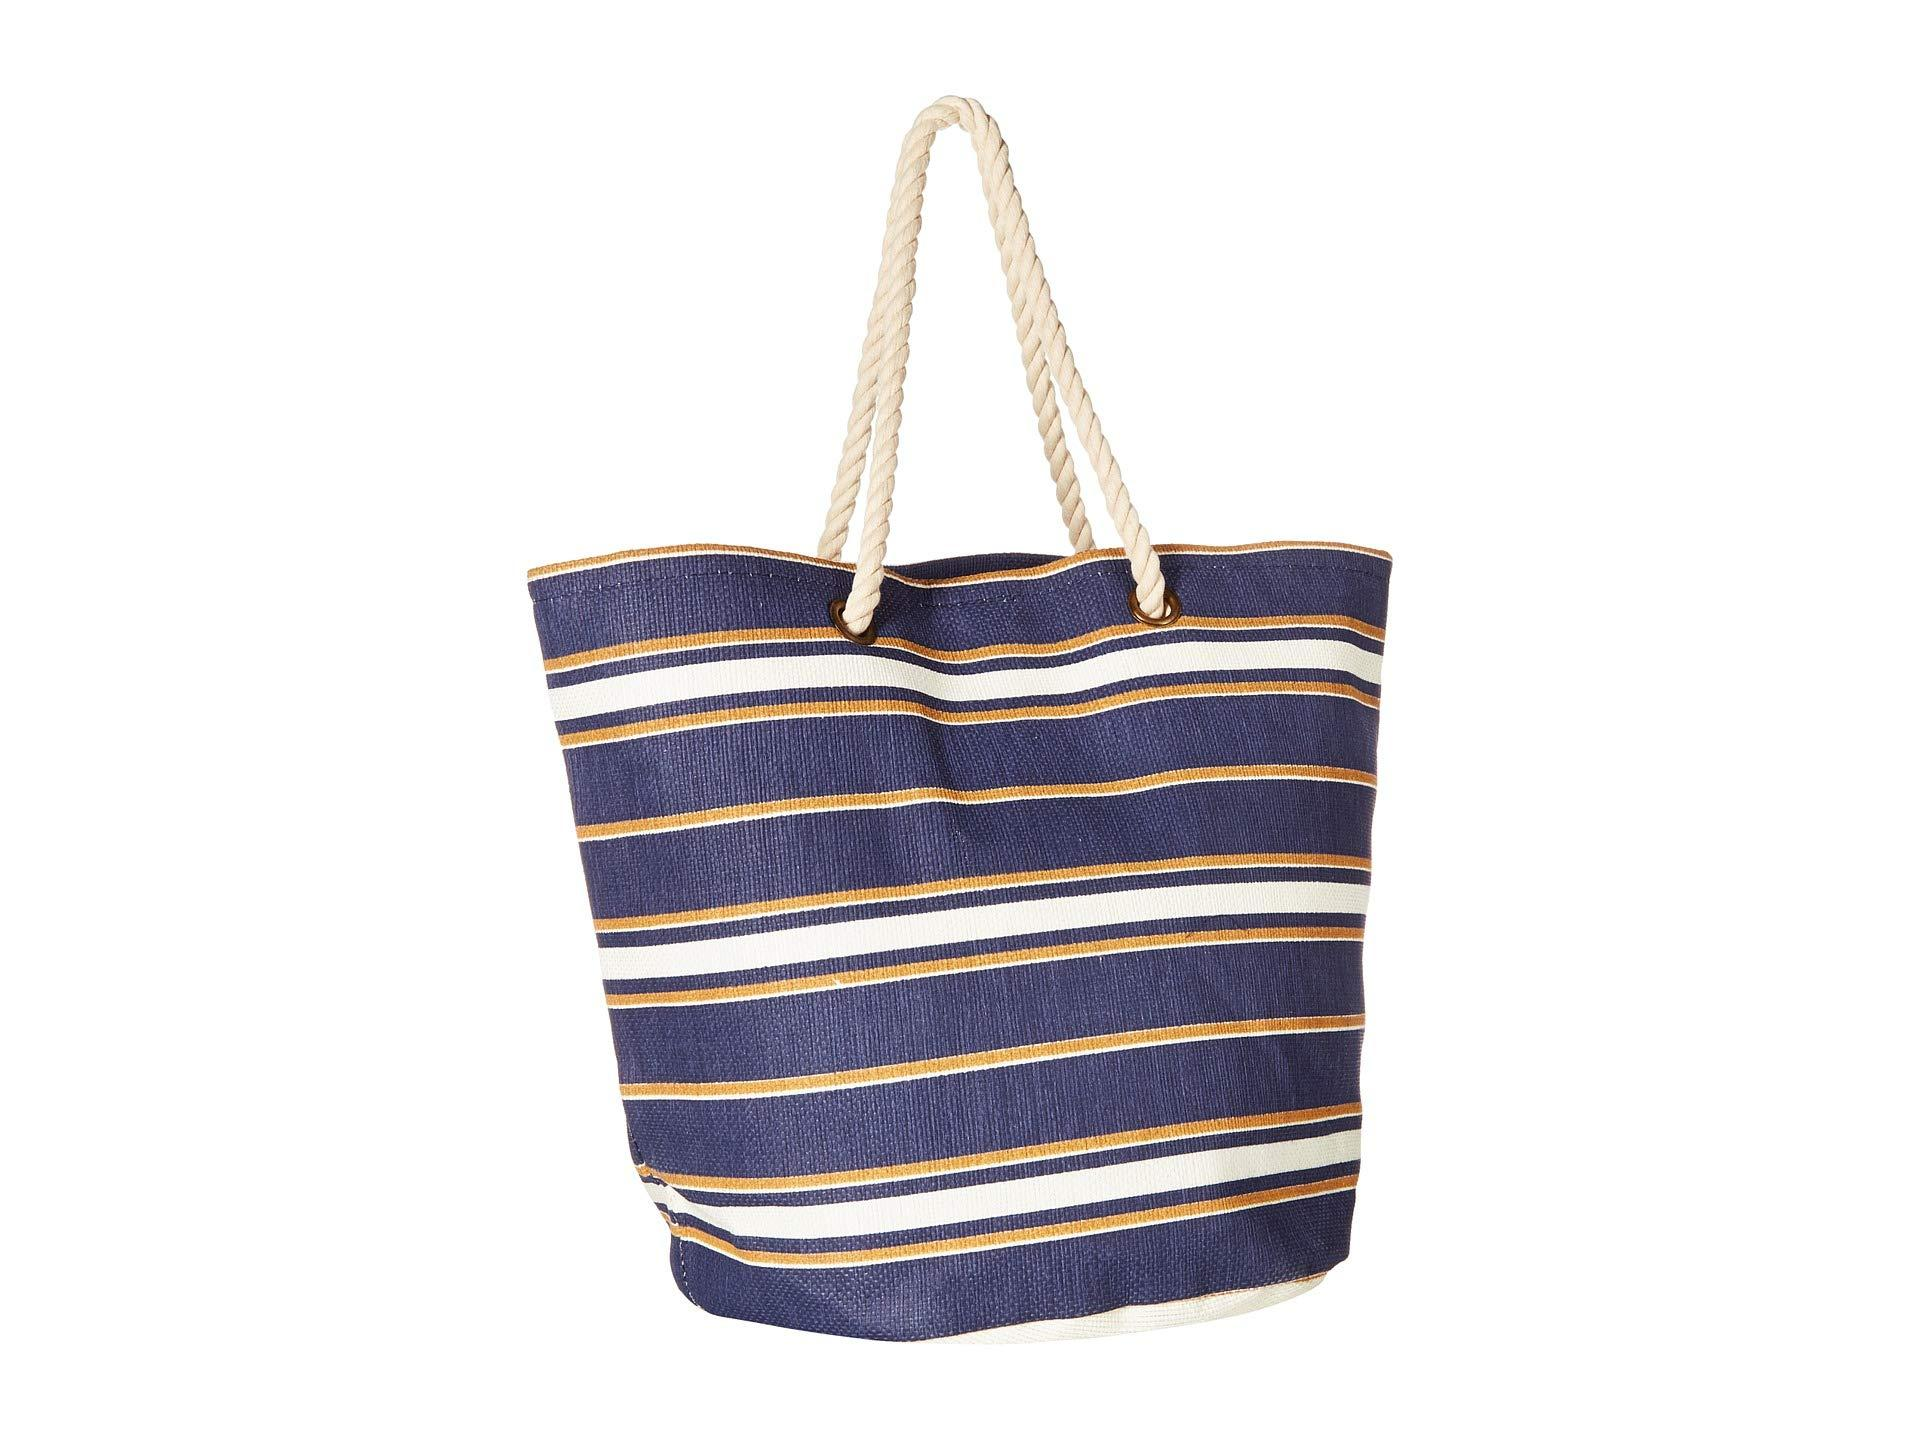 55cee2de1d74 Lyst - Roxy Sunseeker Tote (medival Blue macy Stripe Swim) Bags in Blue